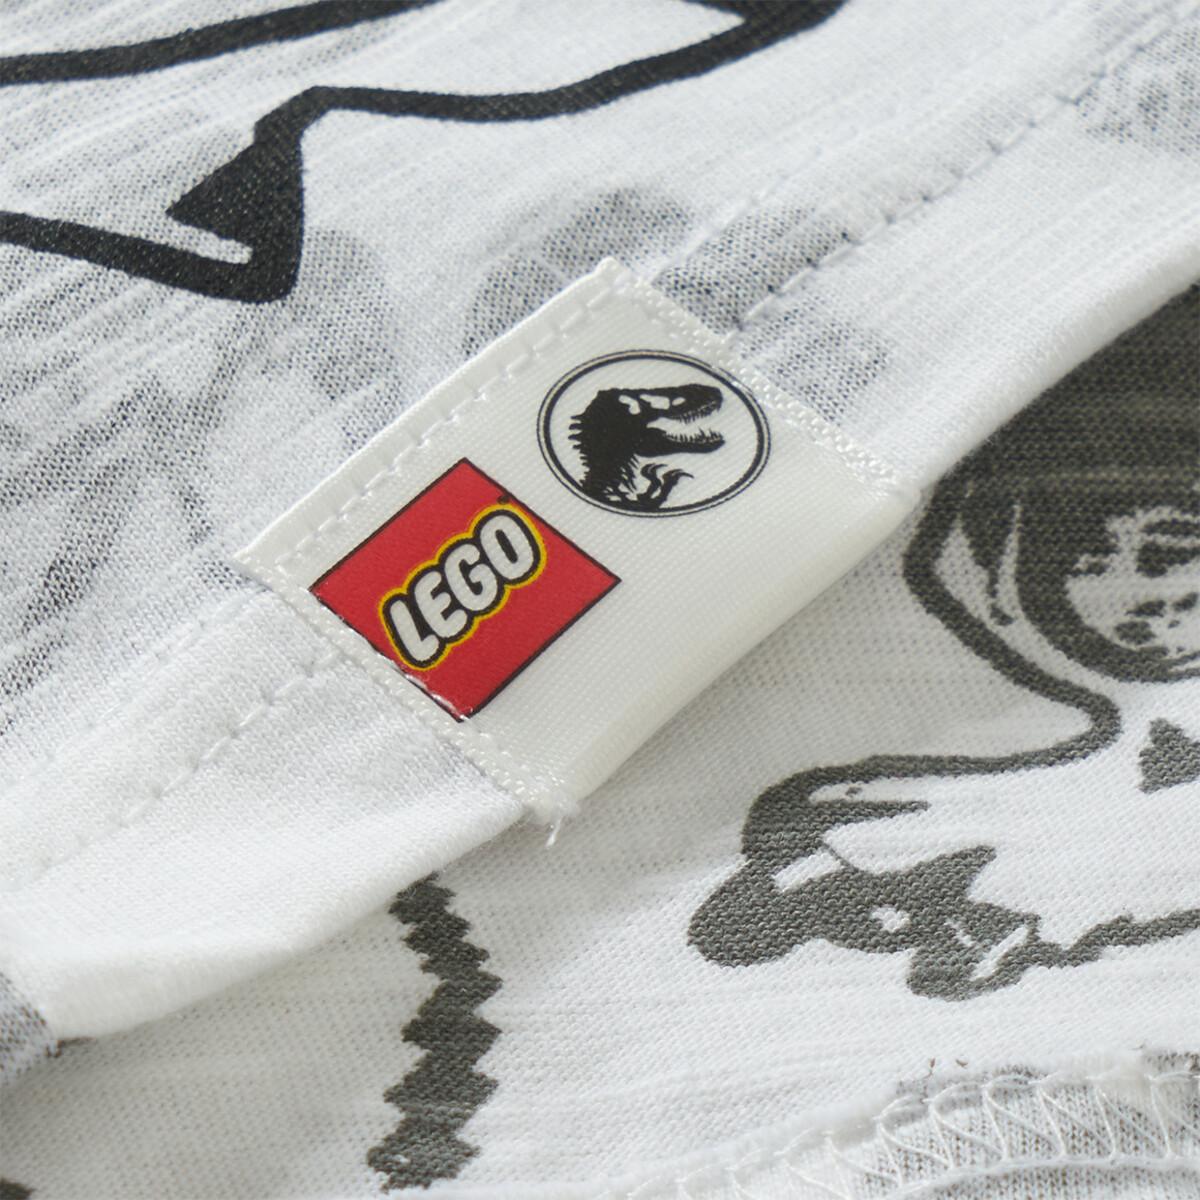 Bild 5 von LEGO Jurassic World T-Shirt